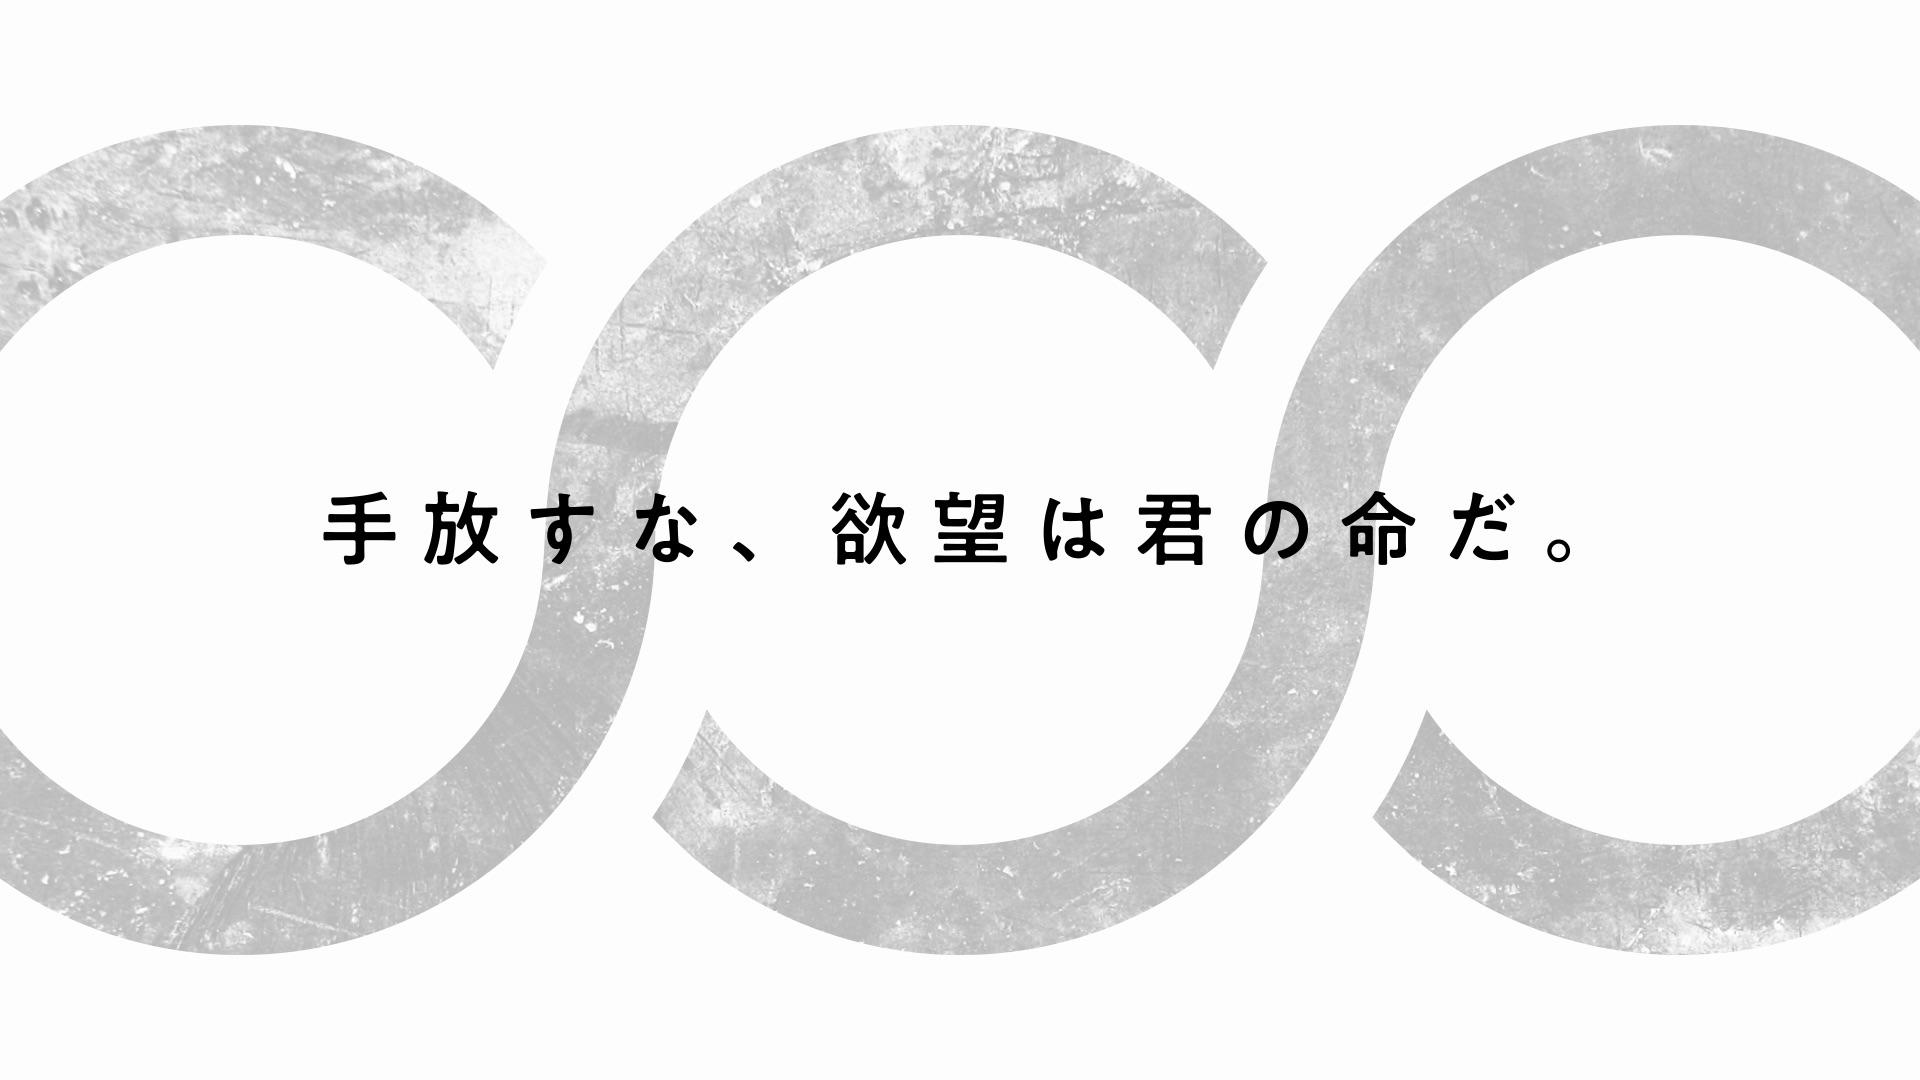 幾原邦彦監督による新作アニメ『さらざんまい』発表